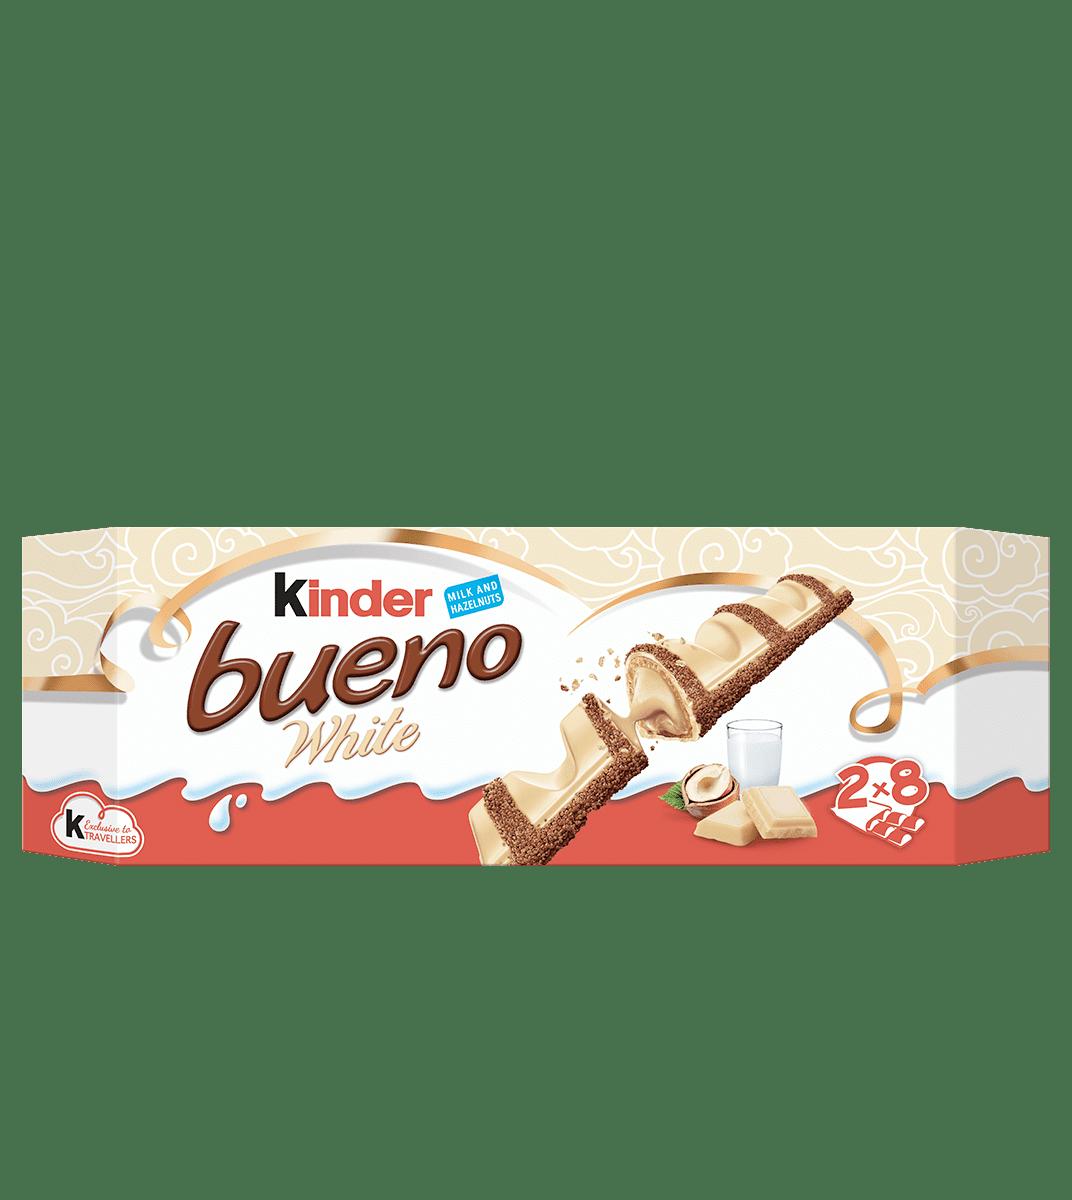 Kinder Bueno White 312g (8 twin bars)